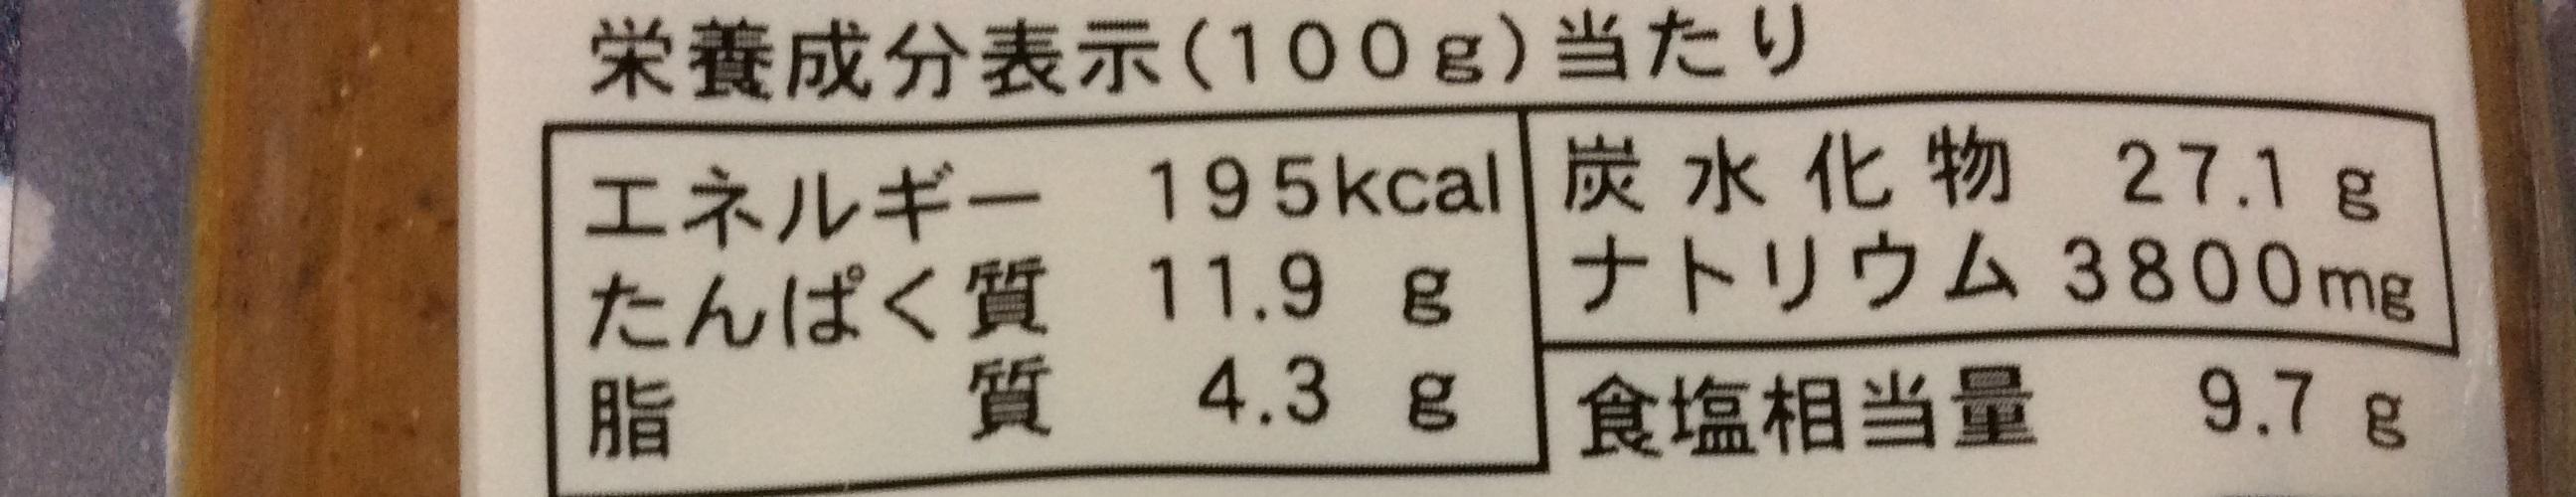 6D73020D-2D87-4EC4-85BE-5B20741CE21F.jpeg